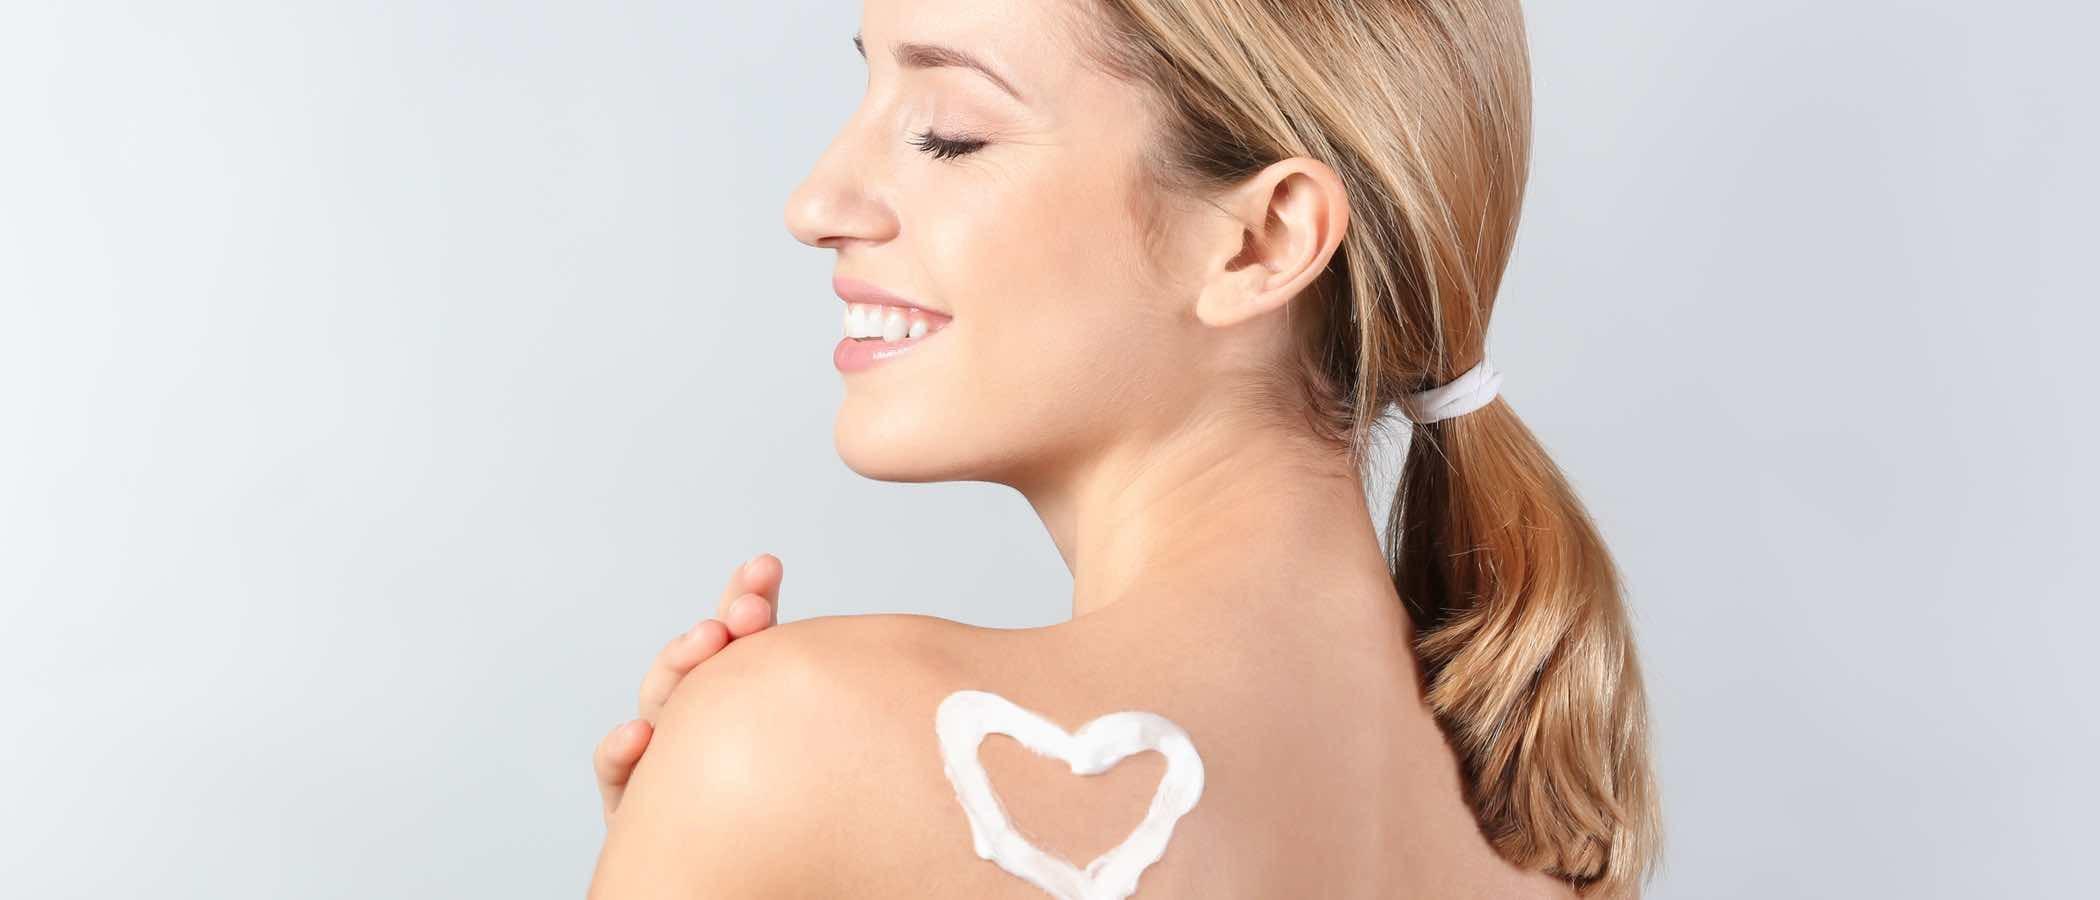 Consejos de belleza para otoño: cuida tu piel y tu cabello